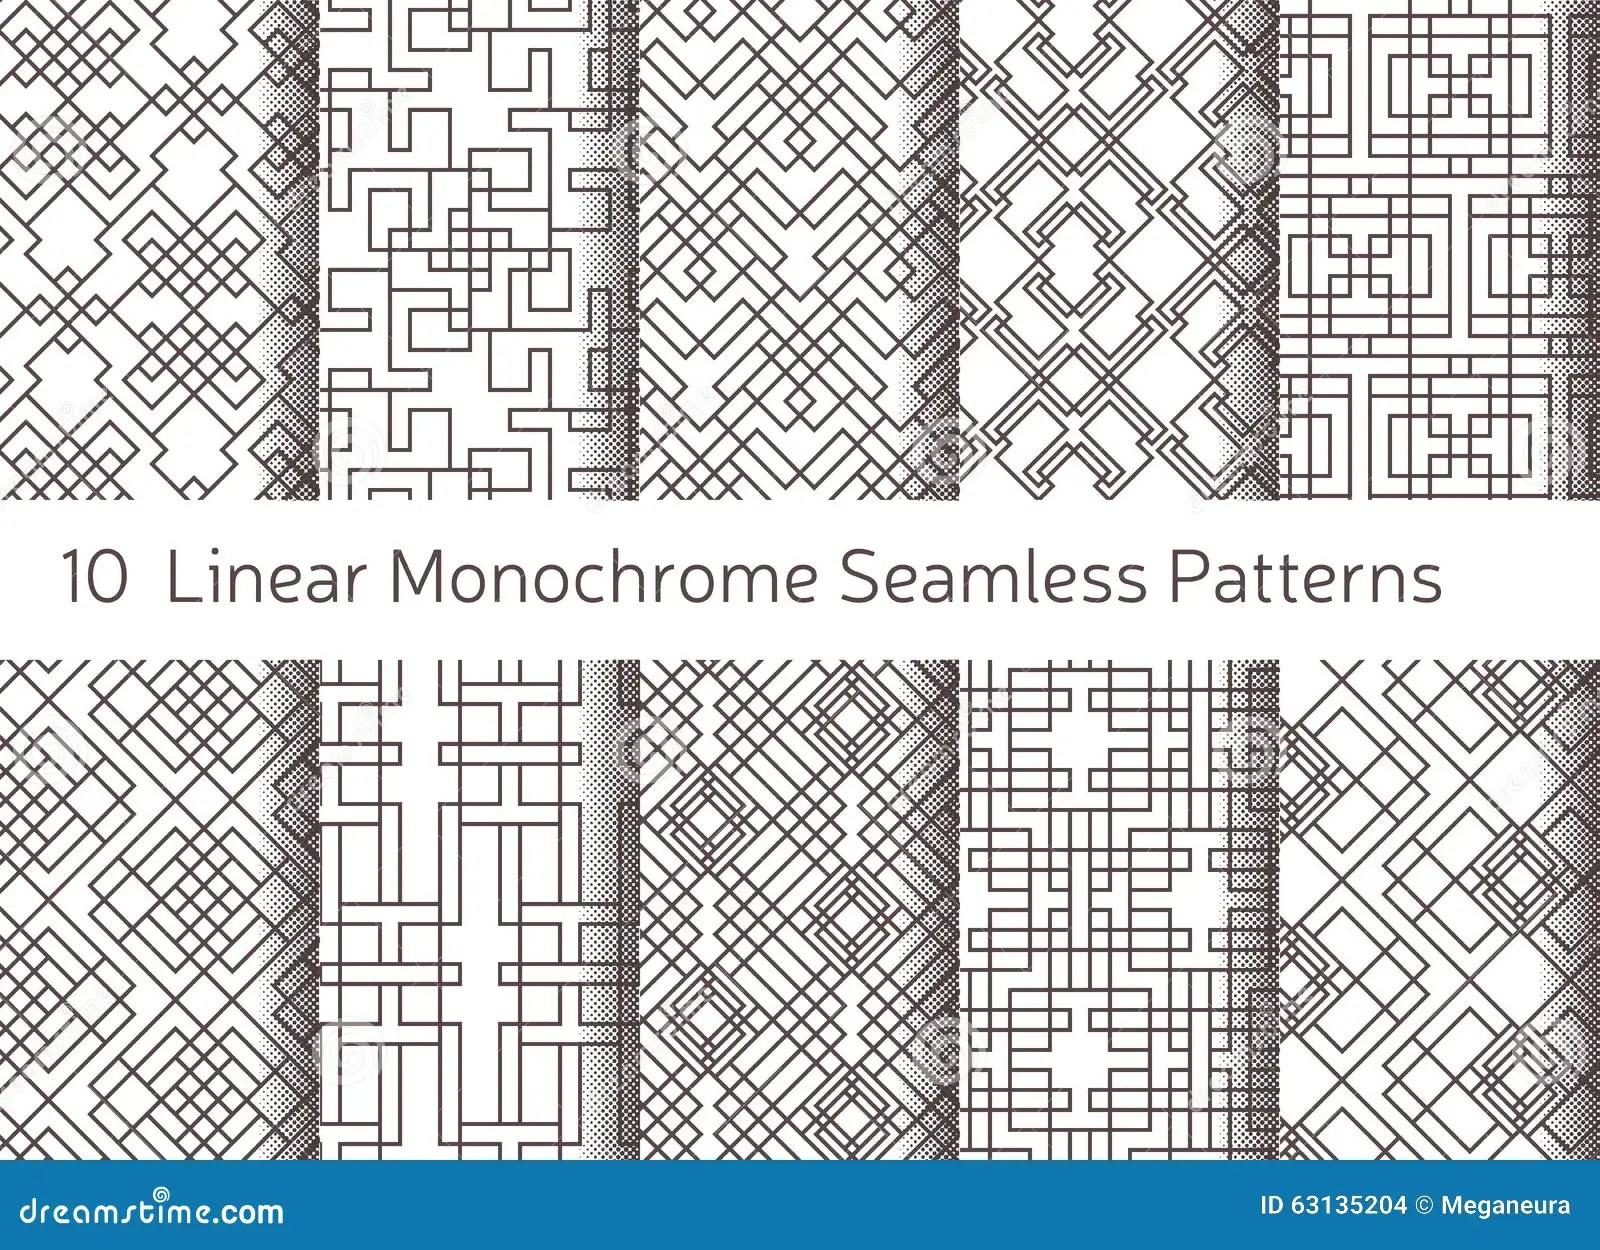 X 12 16 Pattern X 12 16 6 6 Tile X